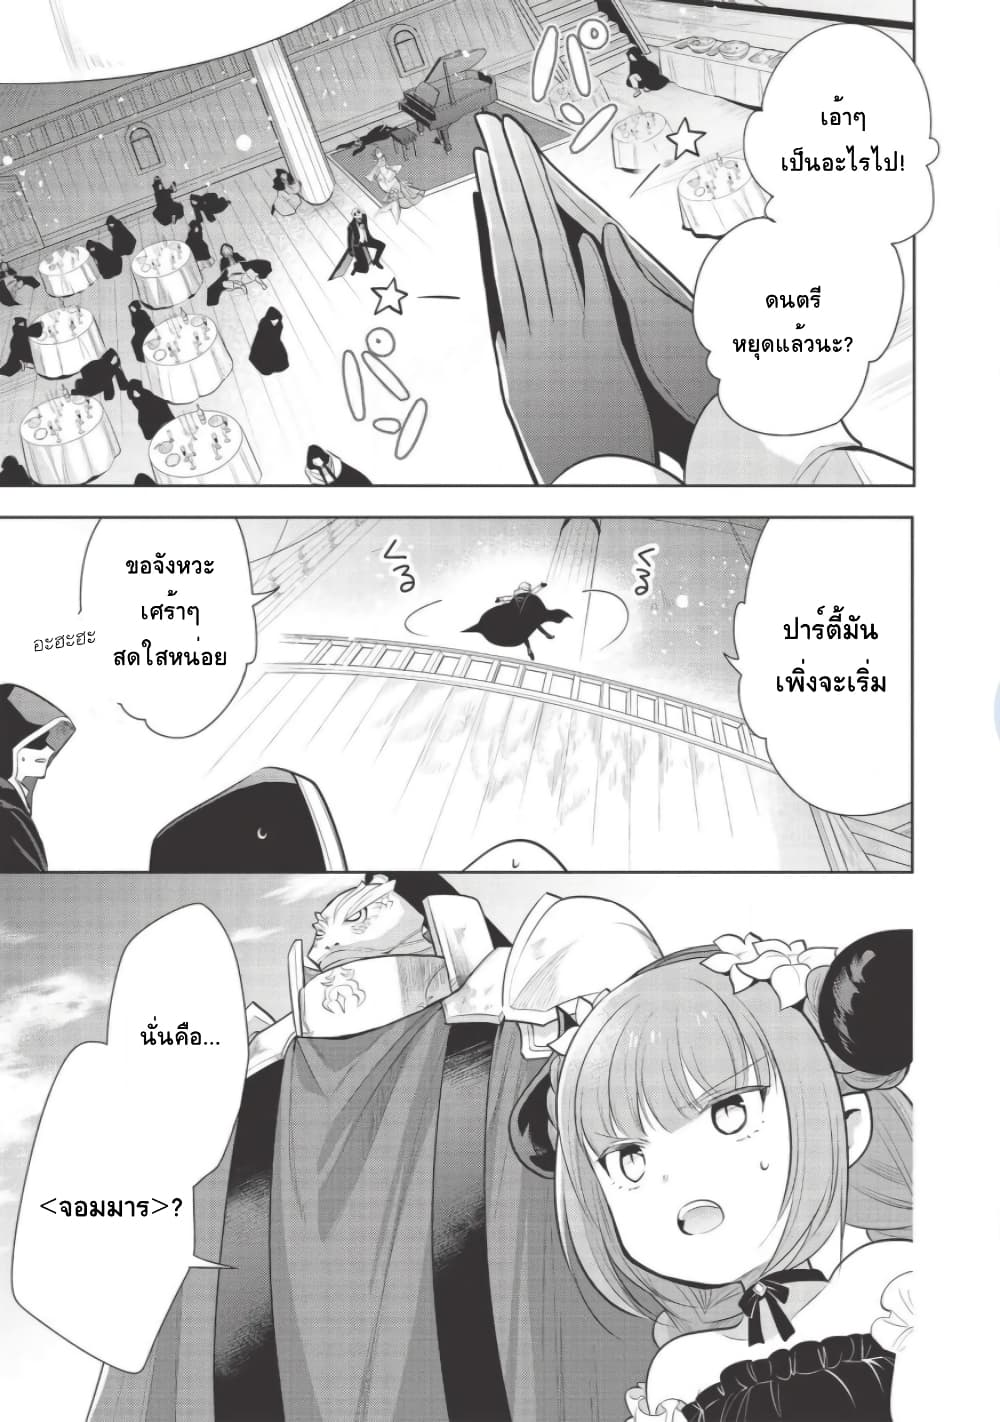 อ่านการ์ตูน Maou no Ore ga Dorei Elf wo Yome ni Shitanda ga Dou Medereba Ii ตอนที่ 30 หน้าที่ 1